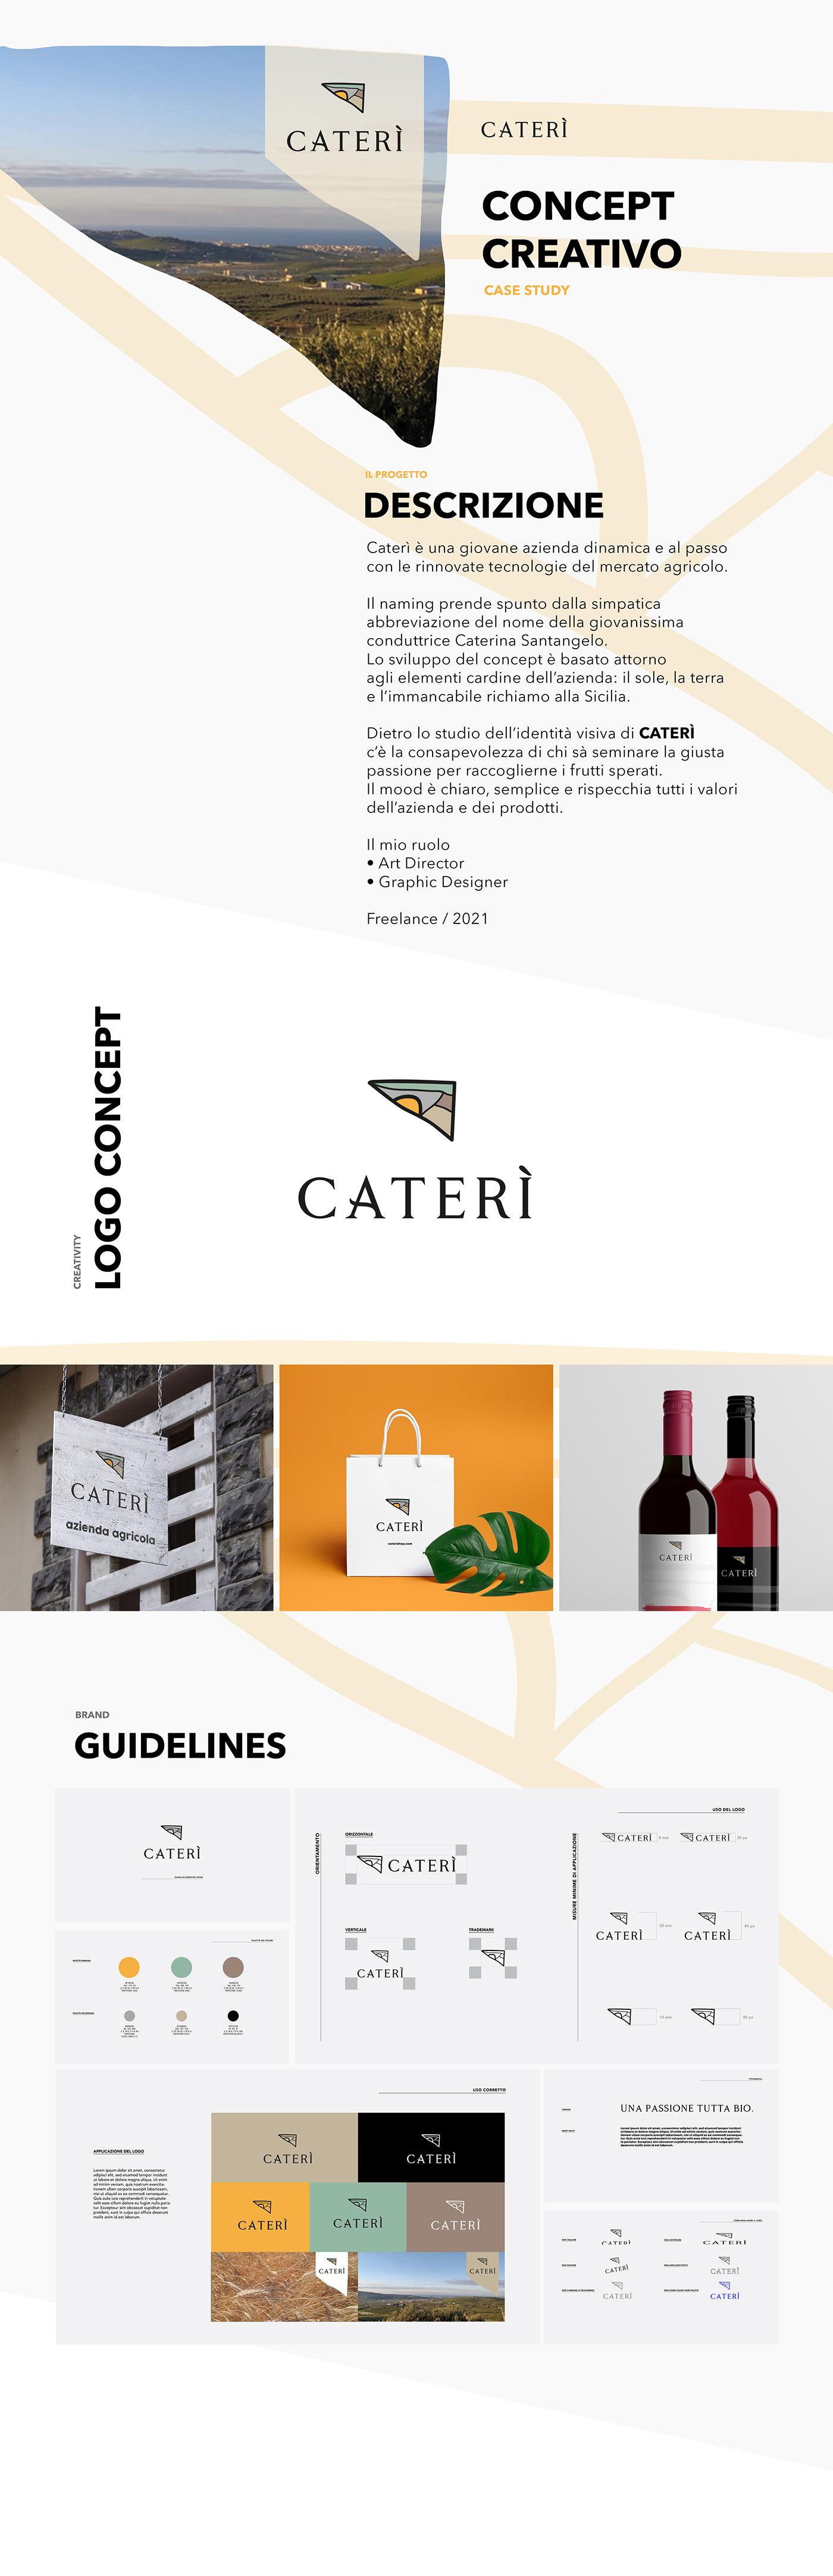 art direction  brand identity concept creative Filippo Maniscalco